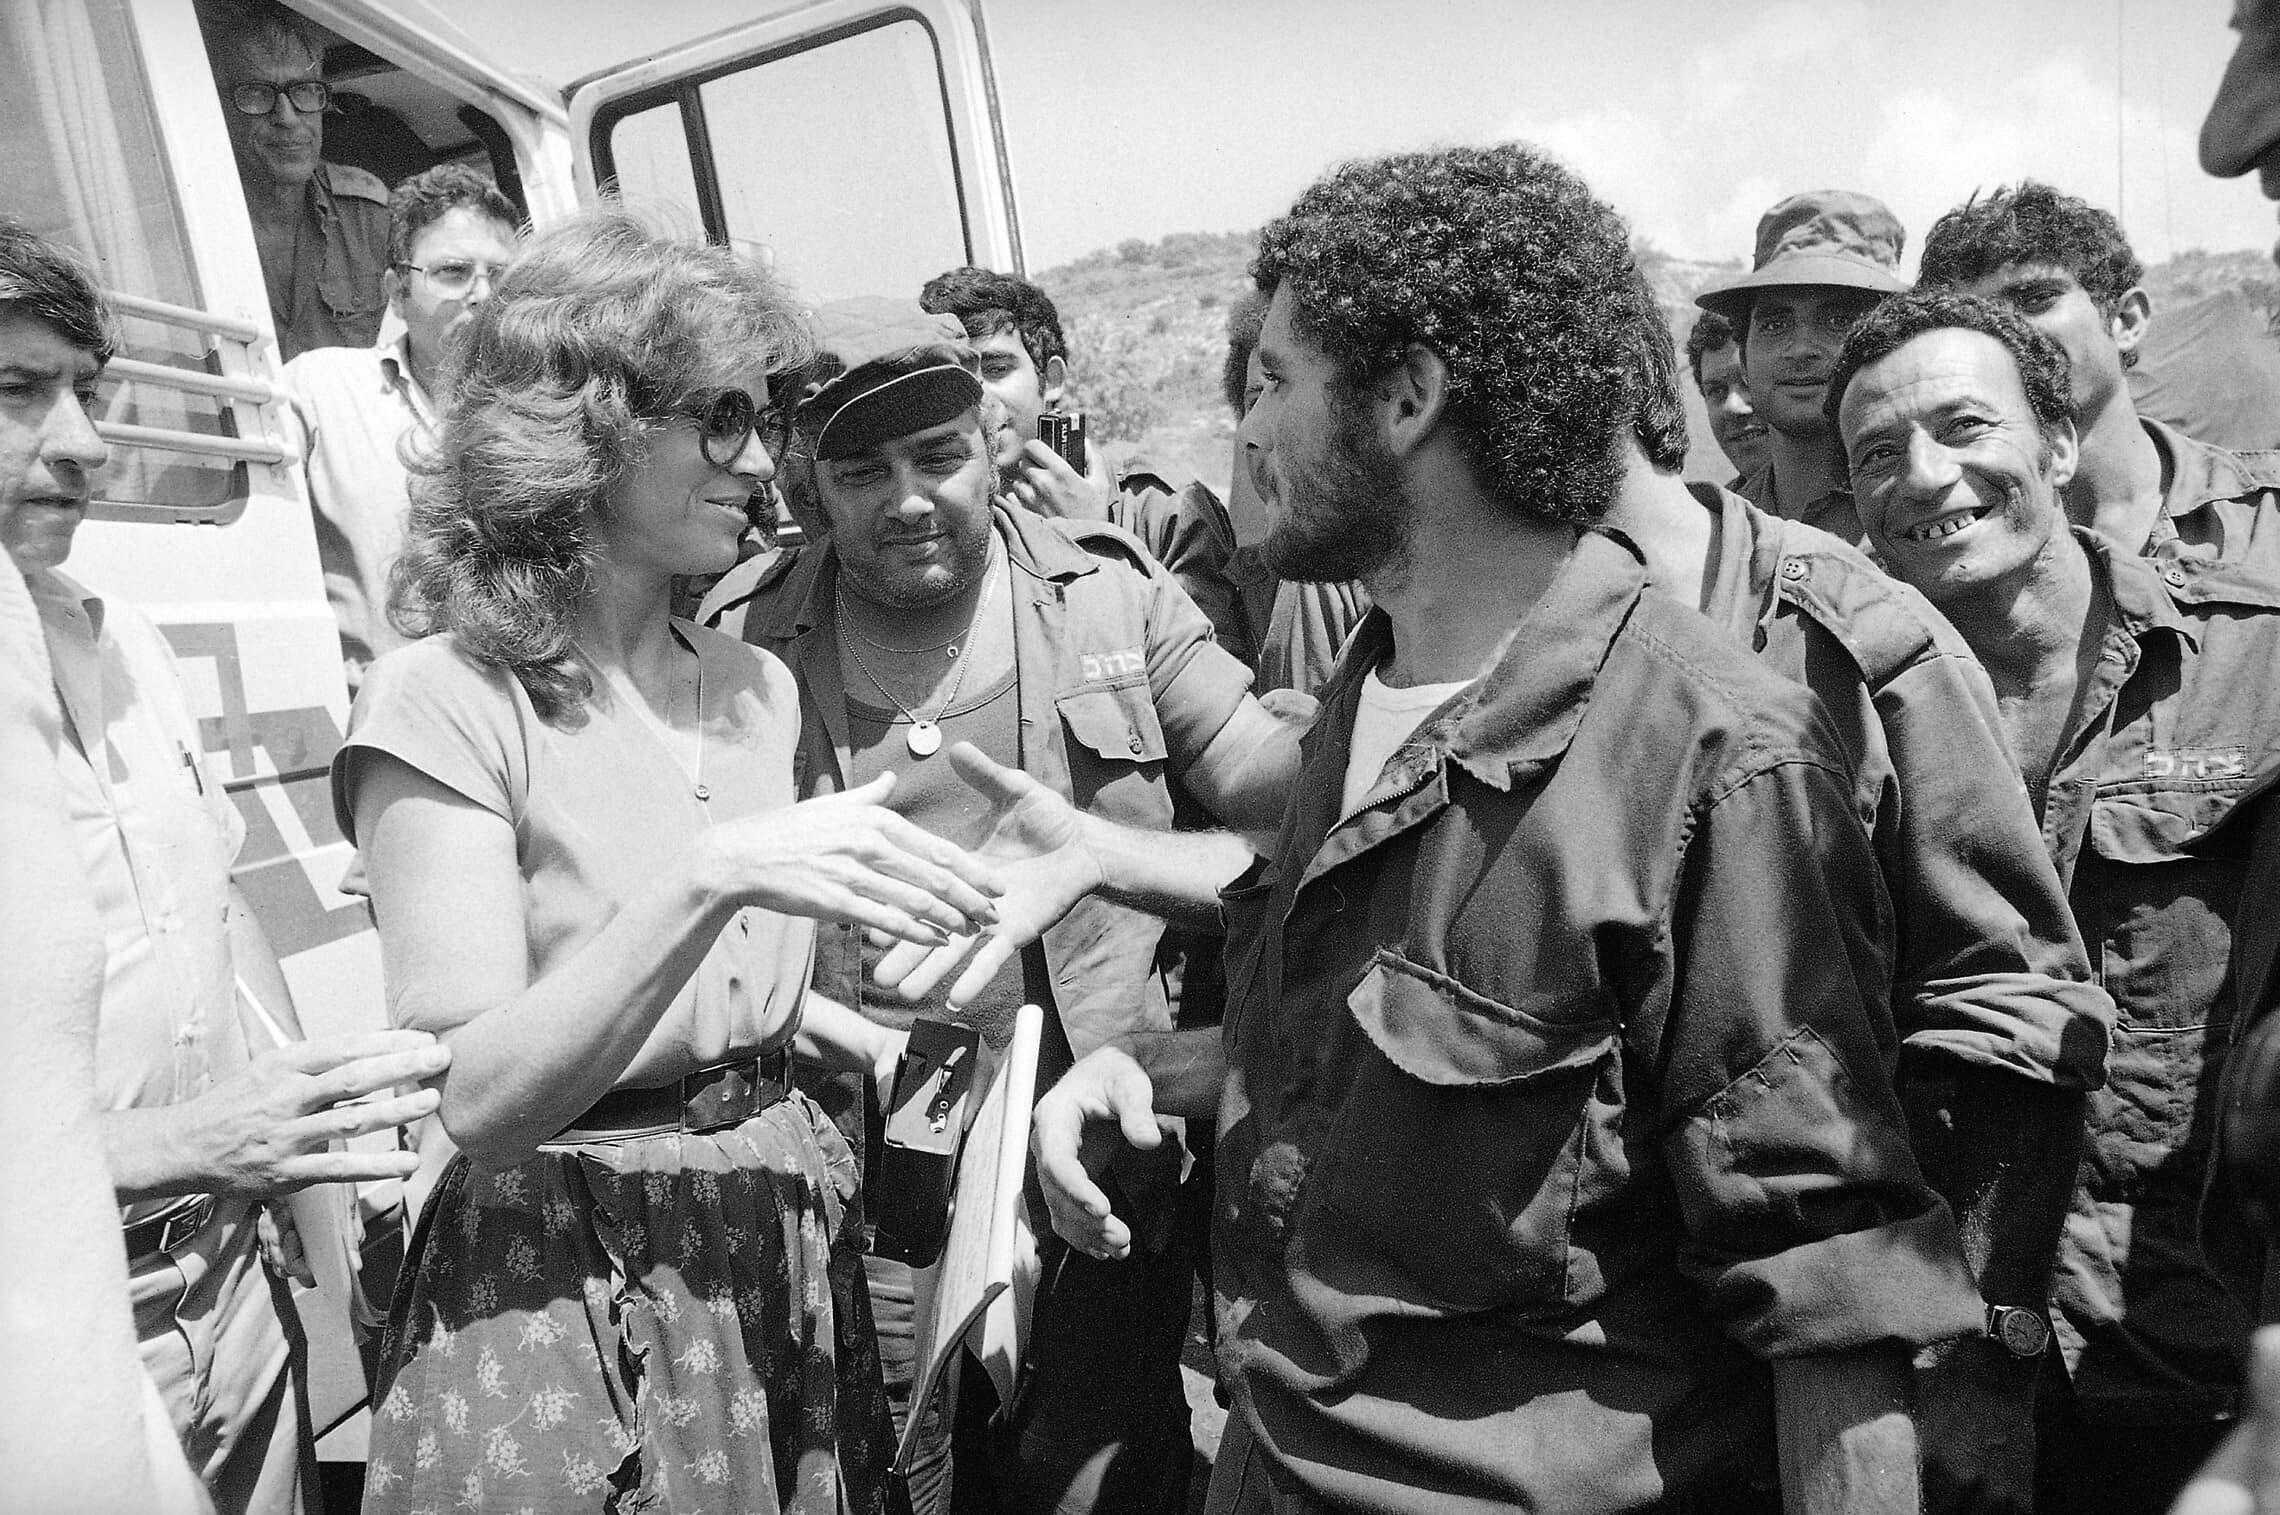 """ג'יין פונדה מבקרת חיילי צה""""ל ליד ביירות במסגרת ביקור בישראל לתמיכה בכניסה ללבנון, 4 ביולי 1982 (צילום: AP Photo)"""